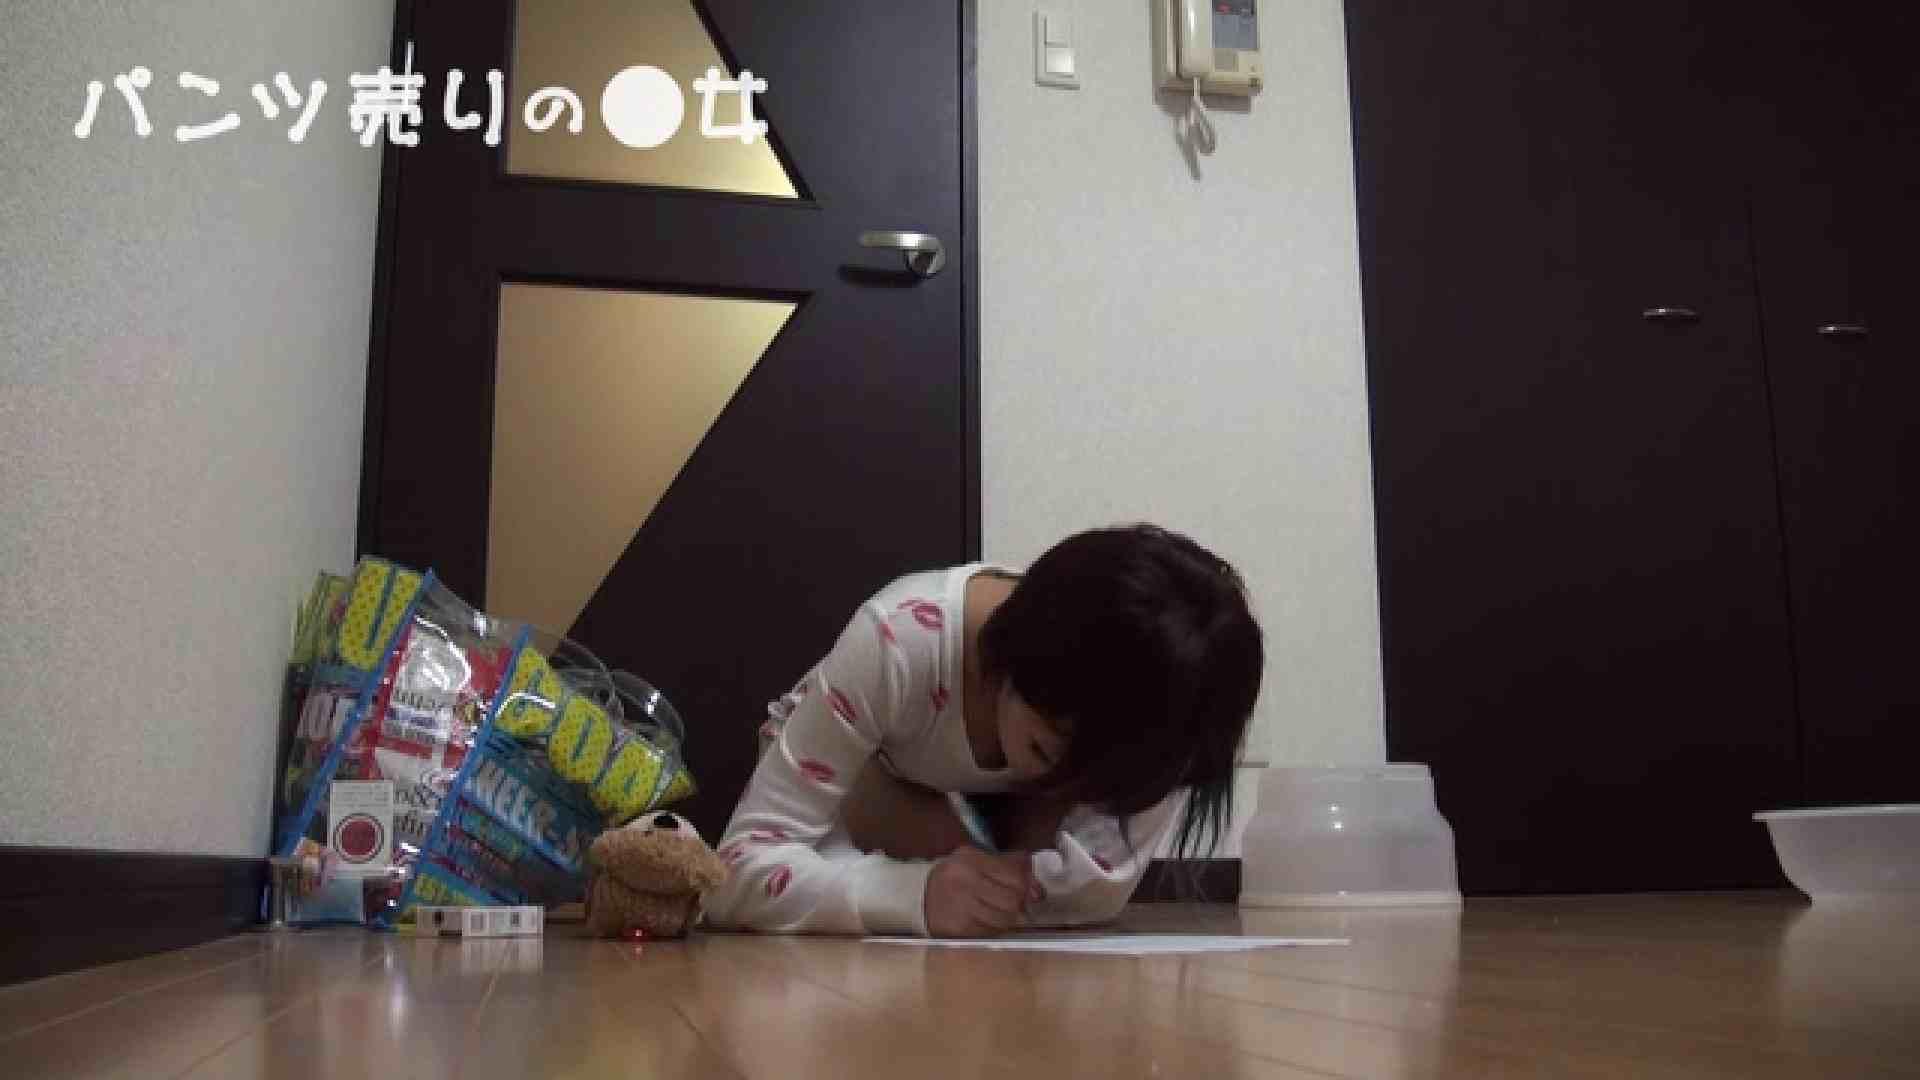 新説 パンツ売りの女の子nana 一般投稿  41連発 8